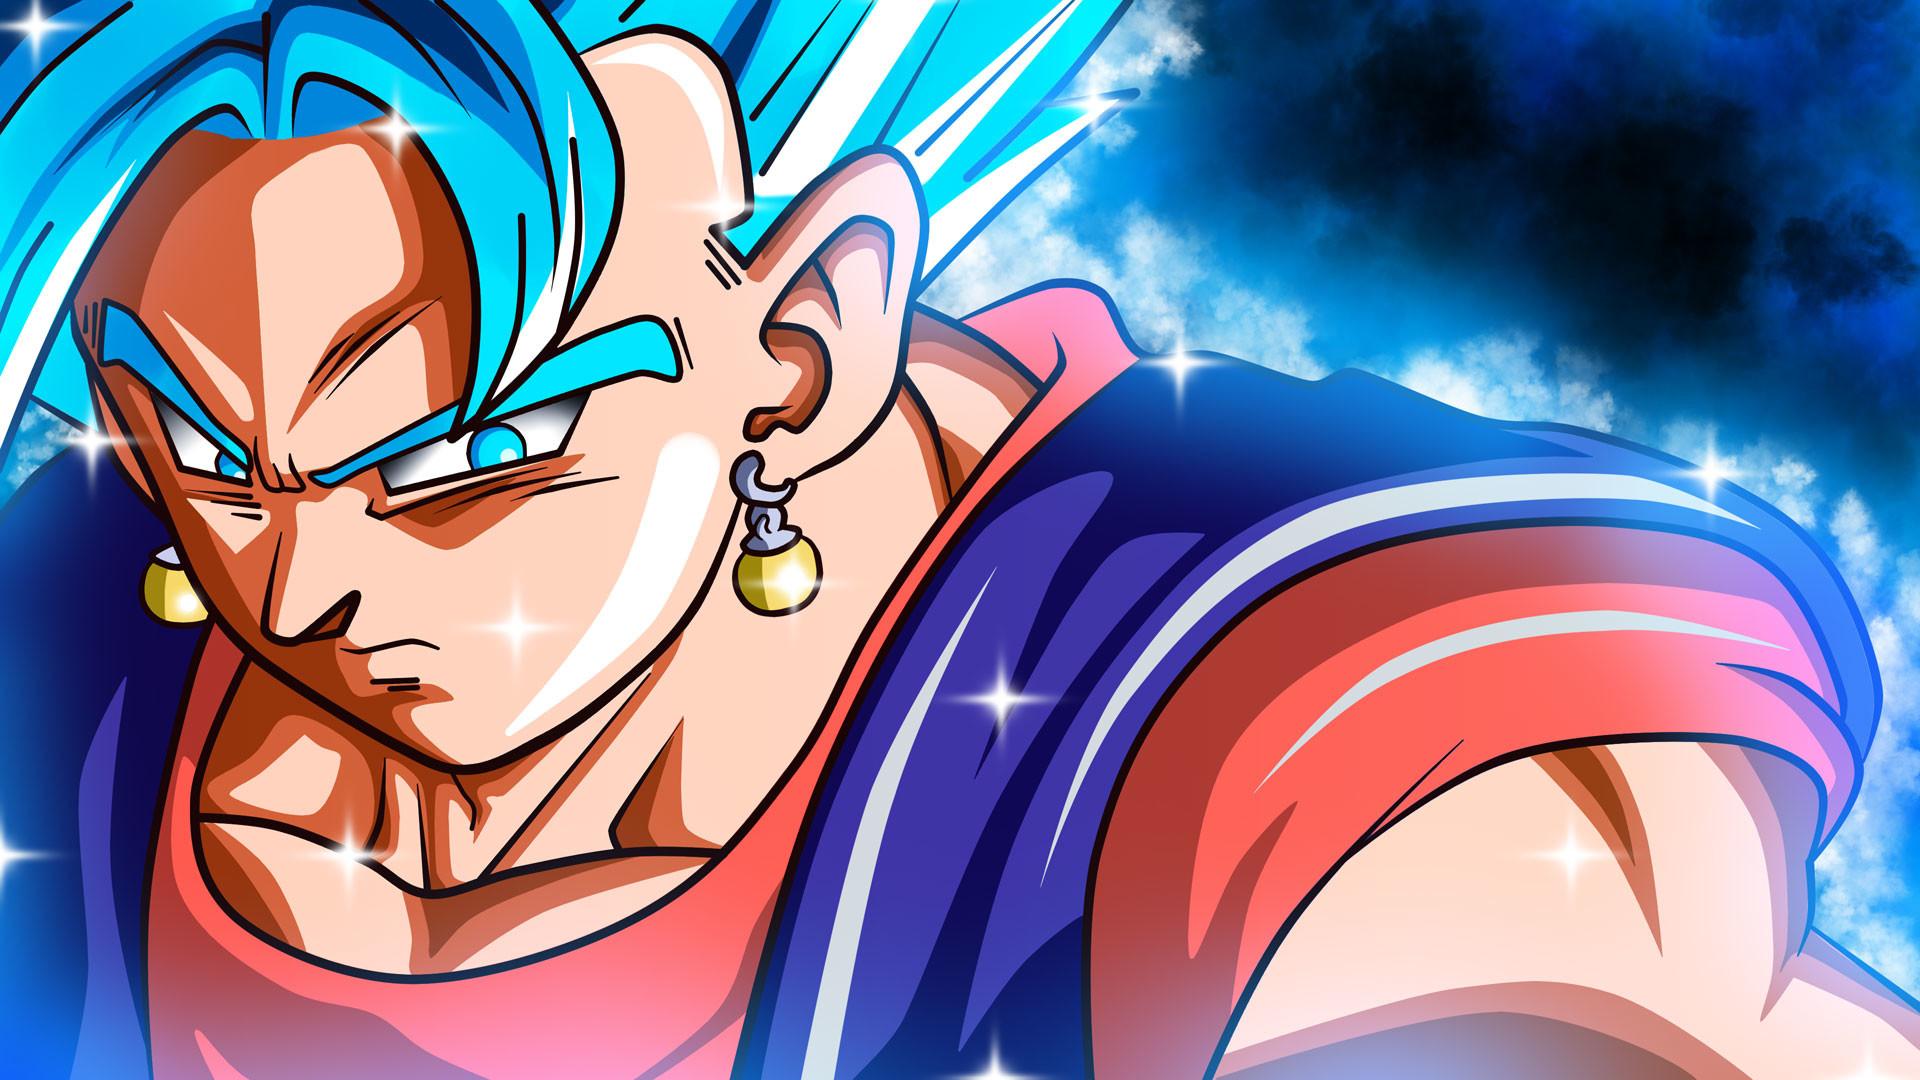 Download Wallpaper · Dragon Ball SuperSuper Saiyan …